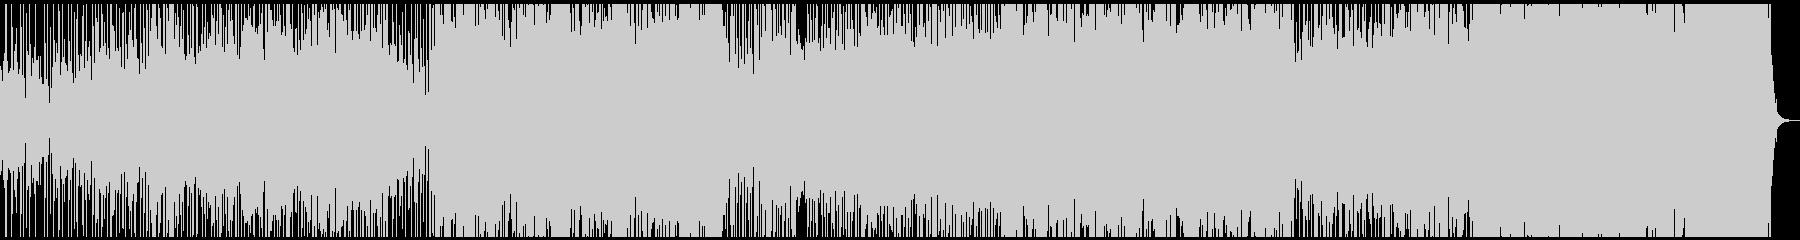 篠笛やシンセが活躍する和風エレクトロ曲の未再生の波形